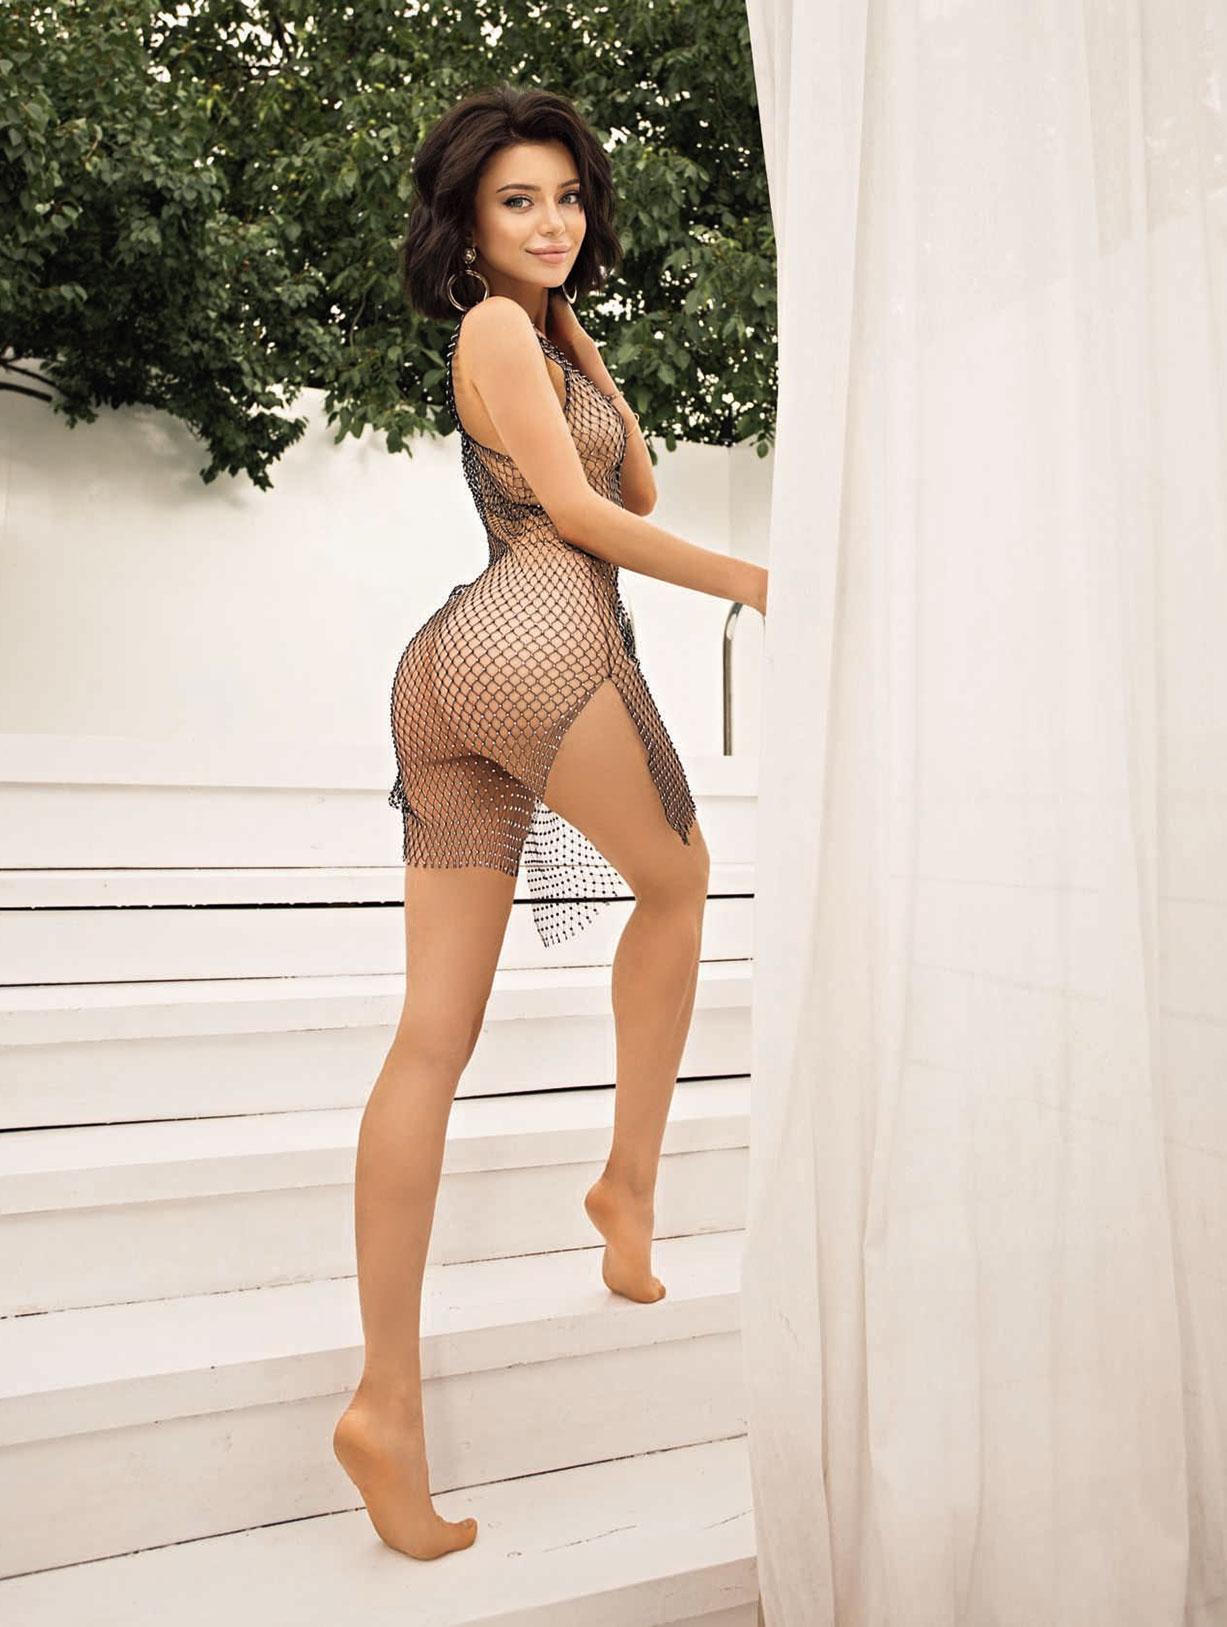 5-ая топ-модель Вселенной, легендарная Маша Студент в сексуальном нижнем белье / фото 07